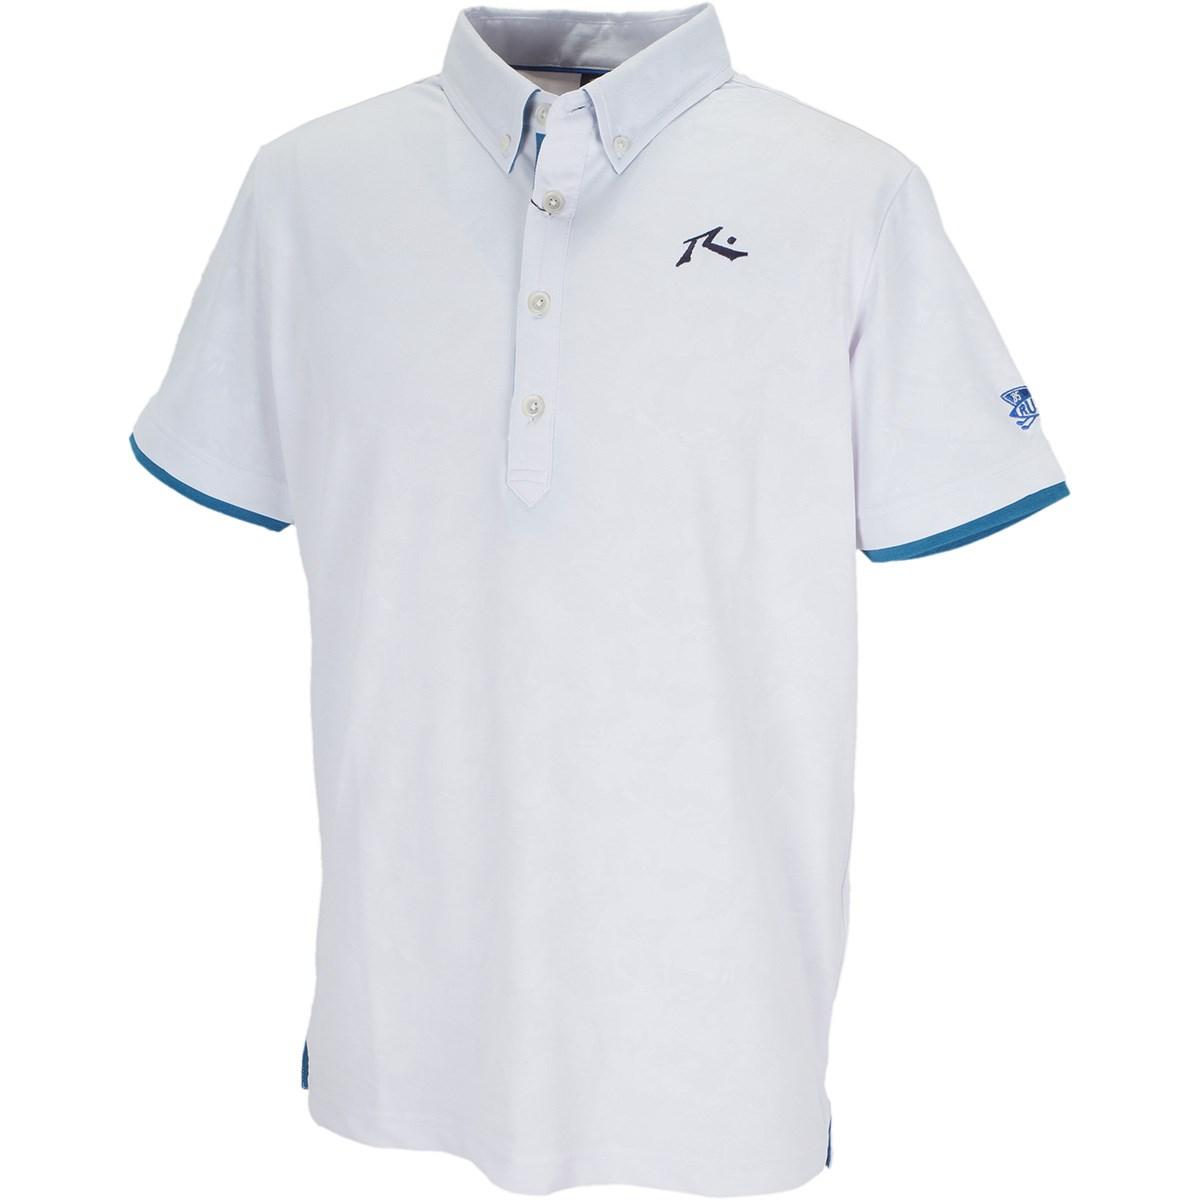 ラスティ RUSTY 半袖ポロシャツ L ホワイト